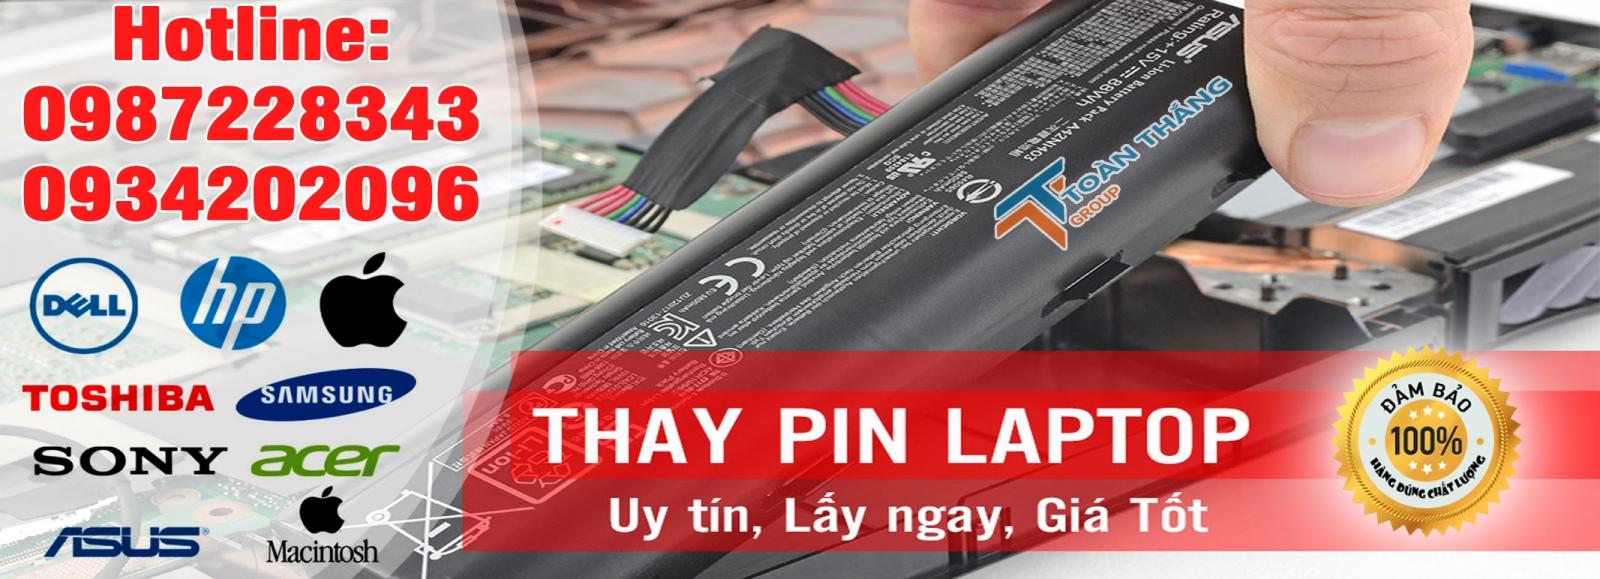 Công Ty Dịch Vụ Thay Pin Laptop Tận Nơi Quận Phú Nhuận Uy Tín Chính Hãng